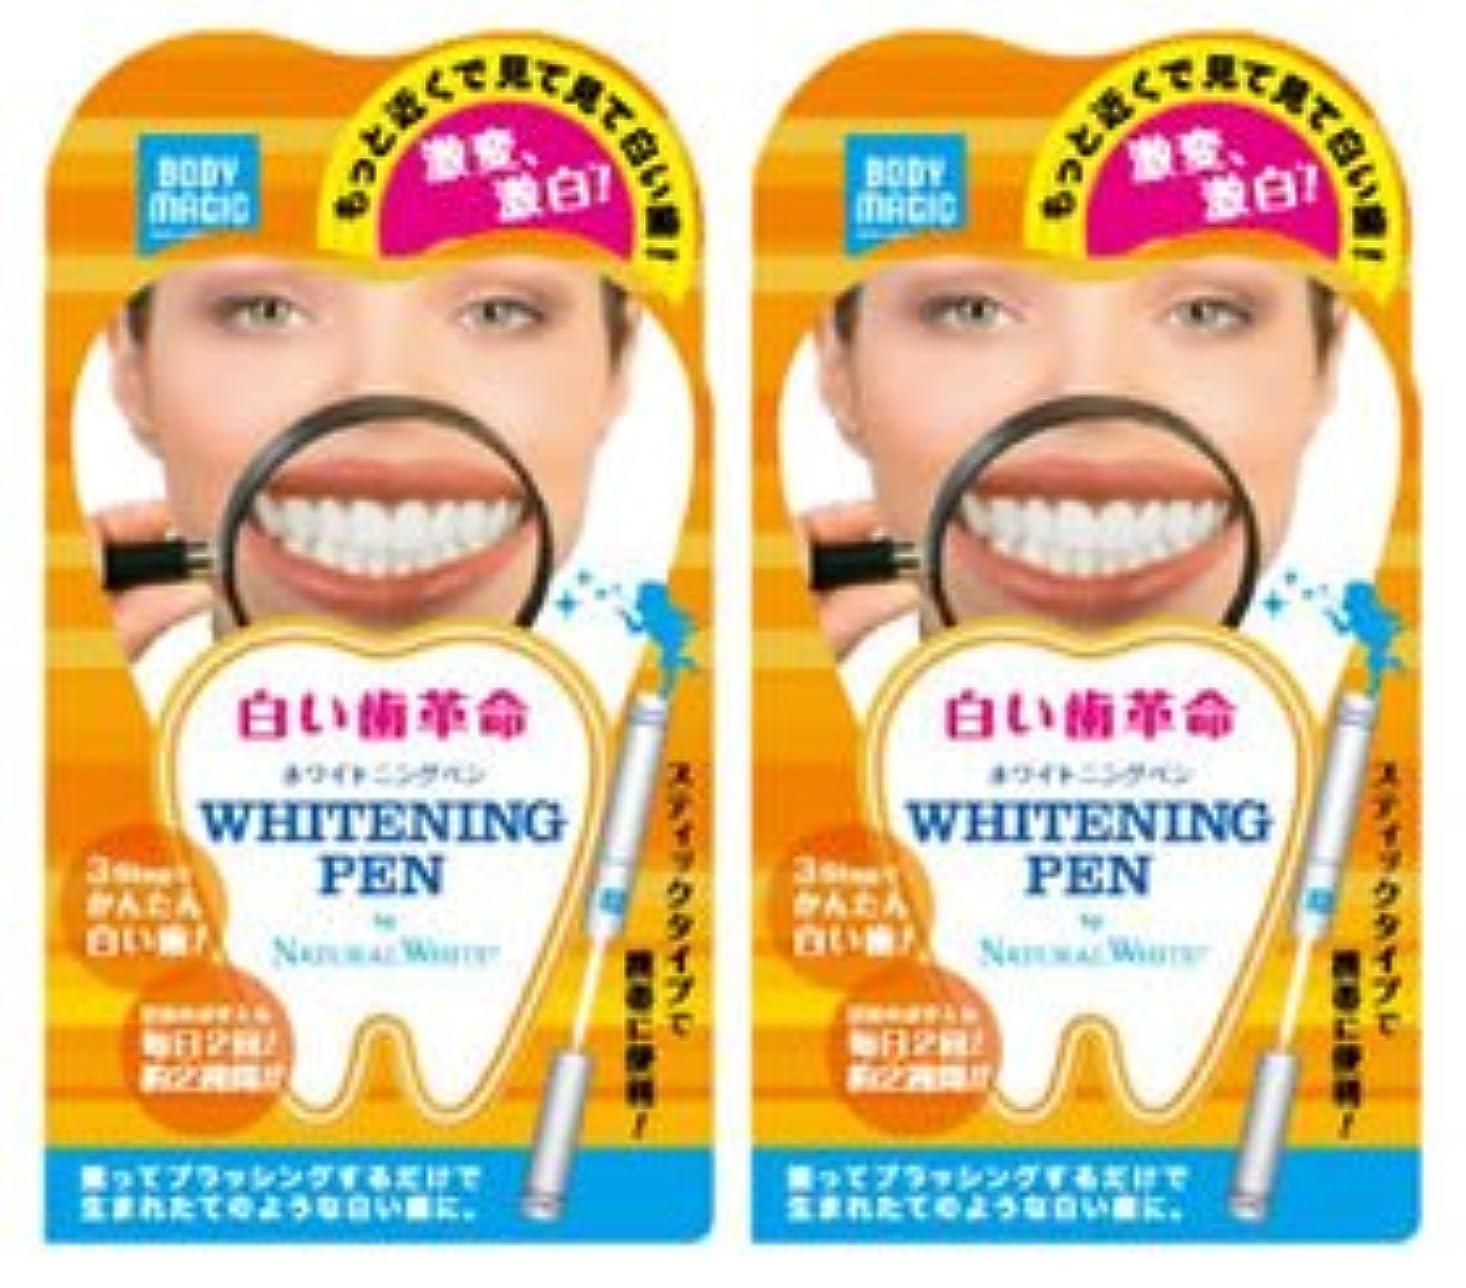 教授チラチラする先住民《セット販売》 ナチュラルホワイト ボディマジック ホワイトニングペン 2個セット 【白い歯革命】 ラピッドホワイトBスティック 【ジェルハミガキ】